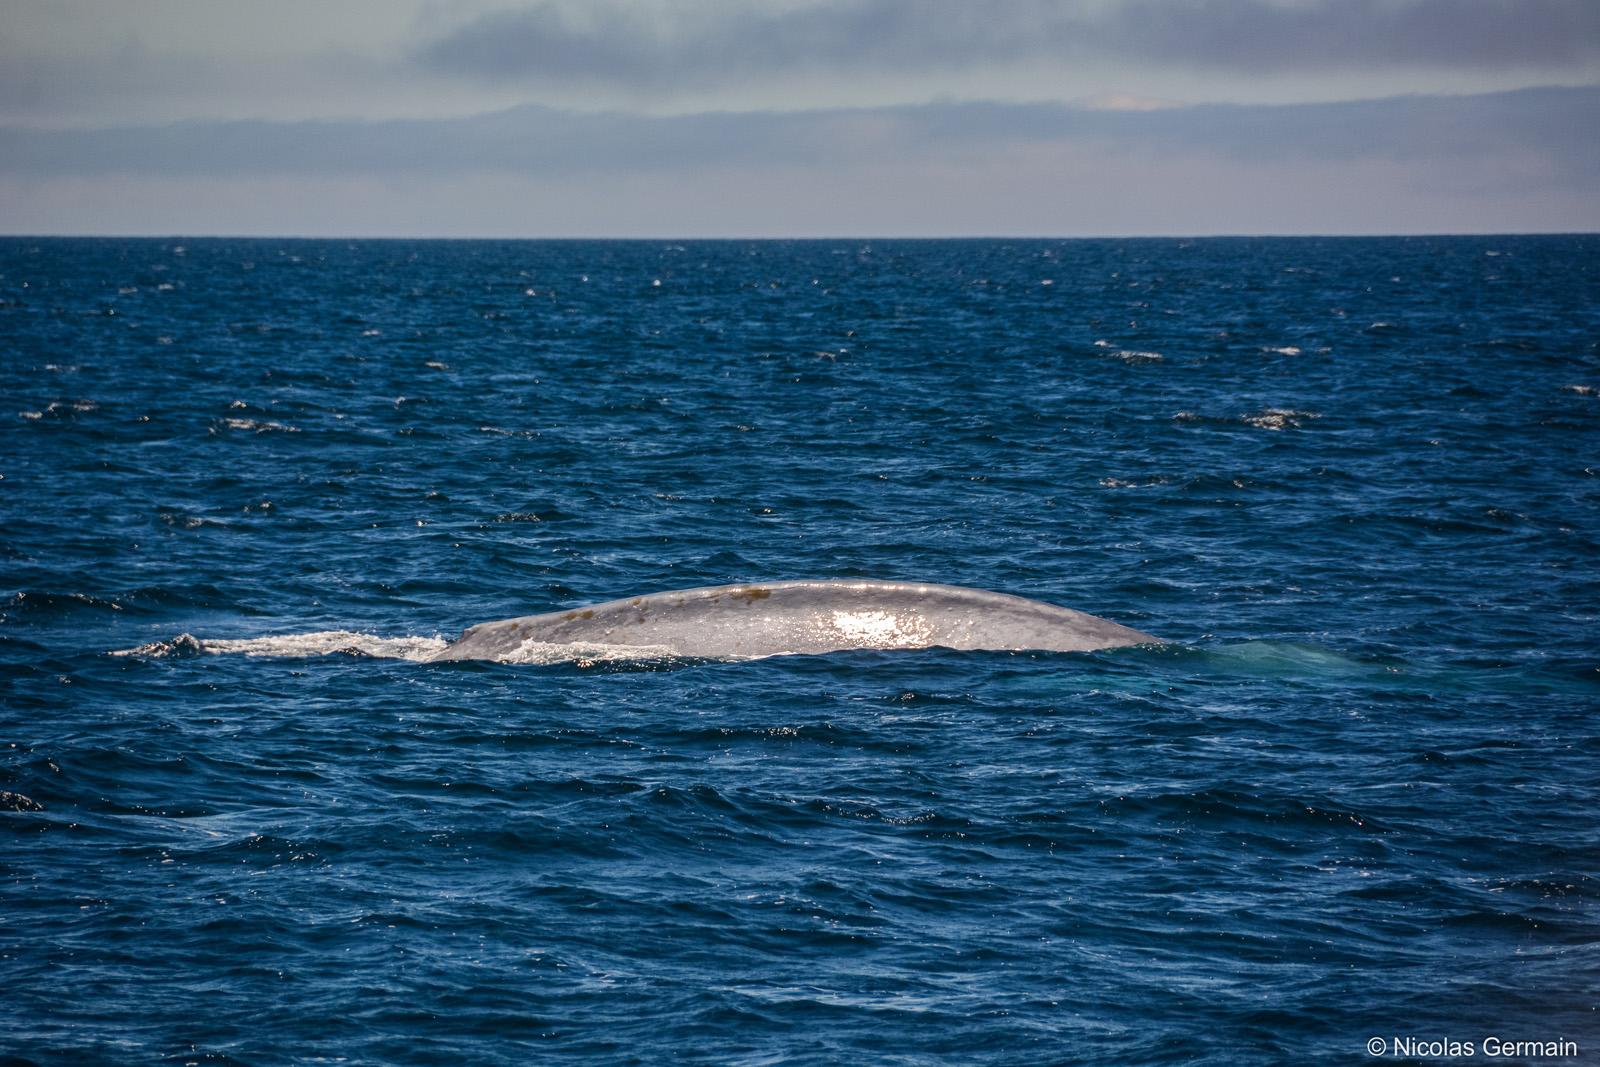 Baleine bleue (blue whale) dans la baie de Monterey, Californie